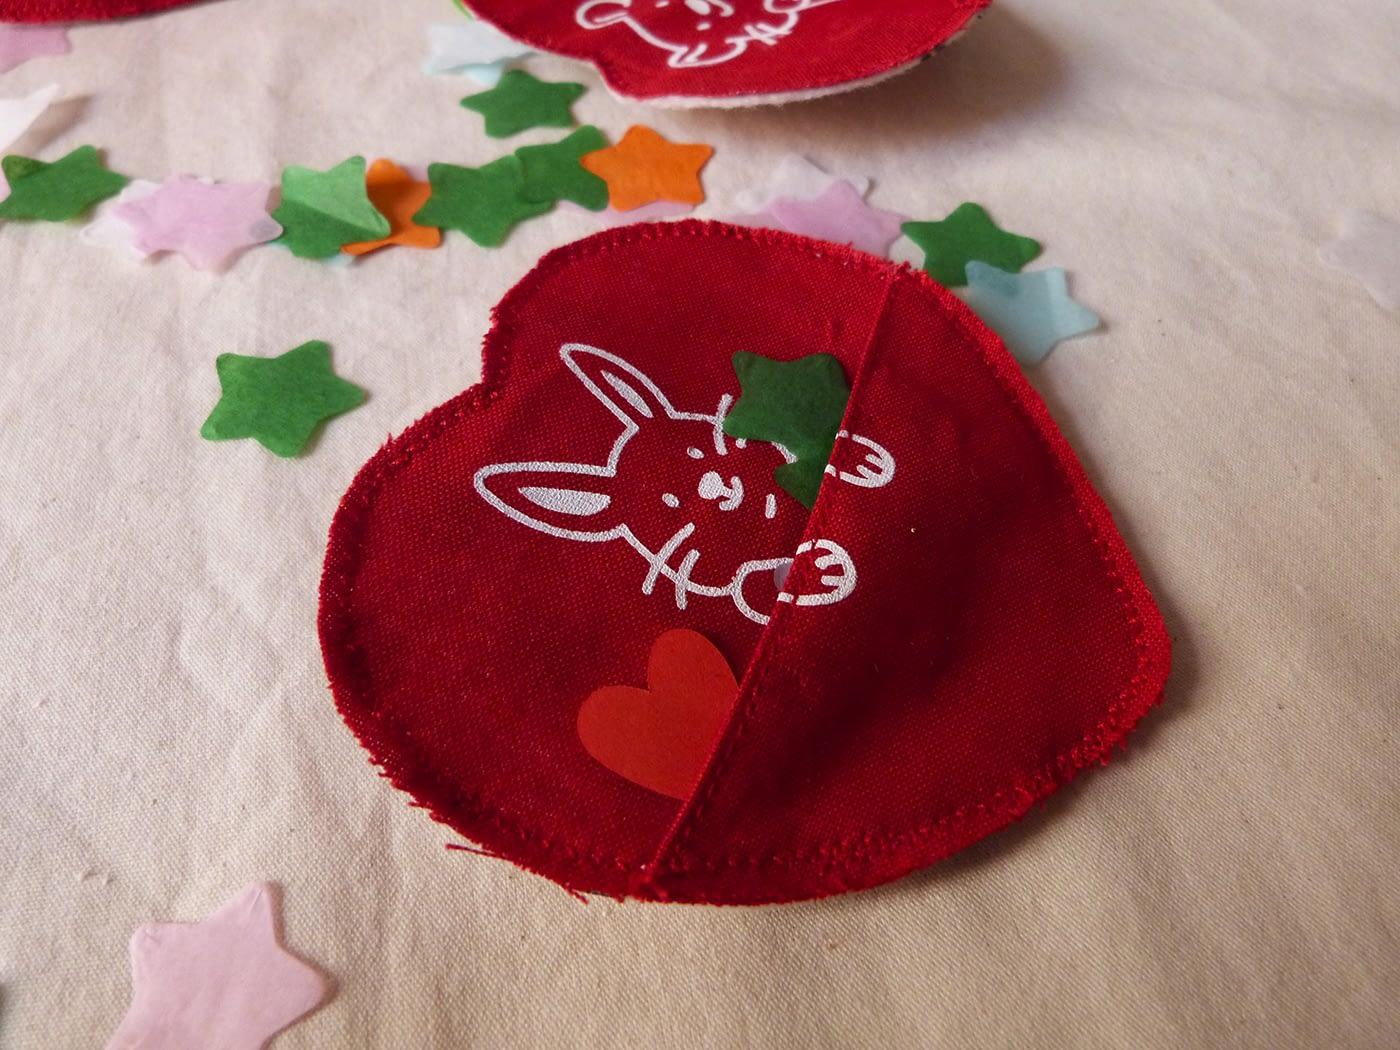 Broches à poches faites à la main pour la Saint Valentin